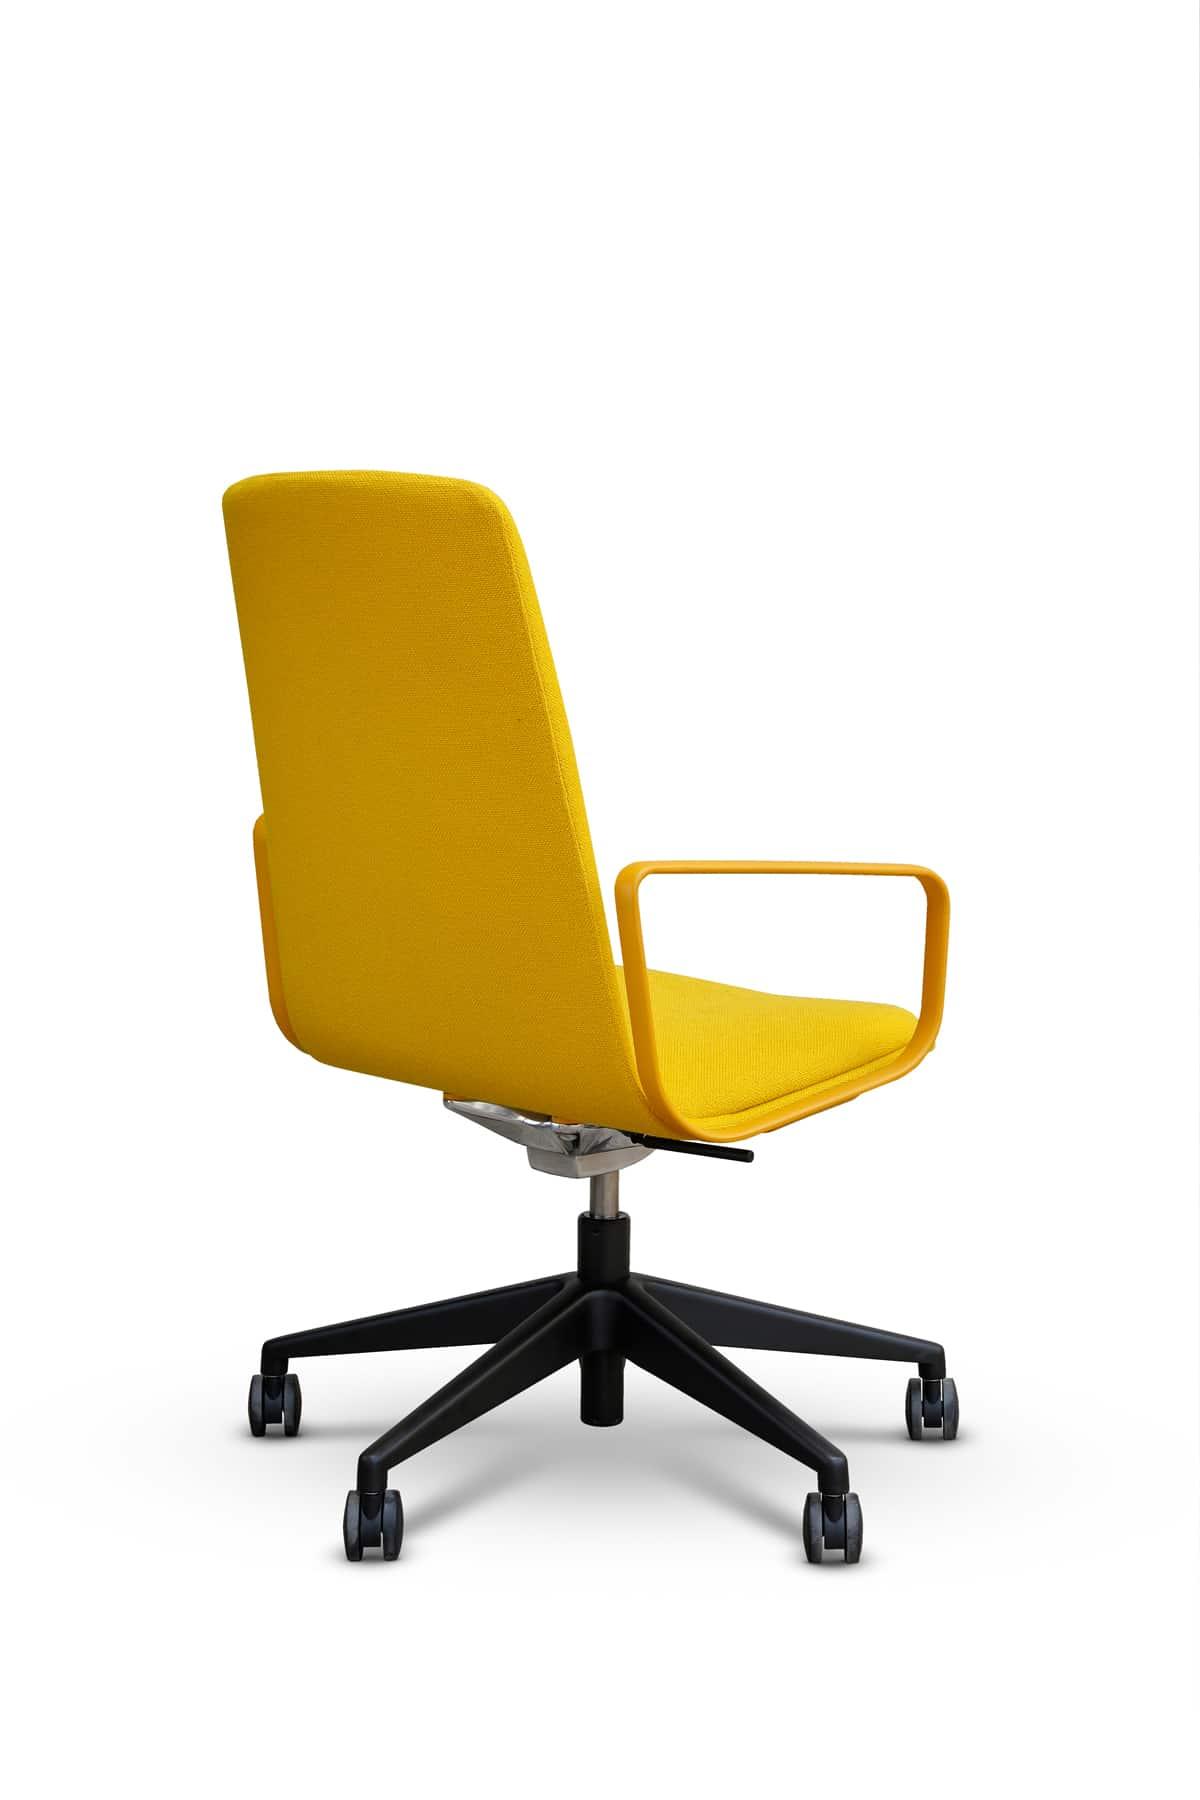 Lottus Conference silla de oficina